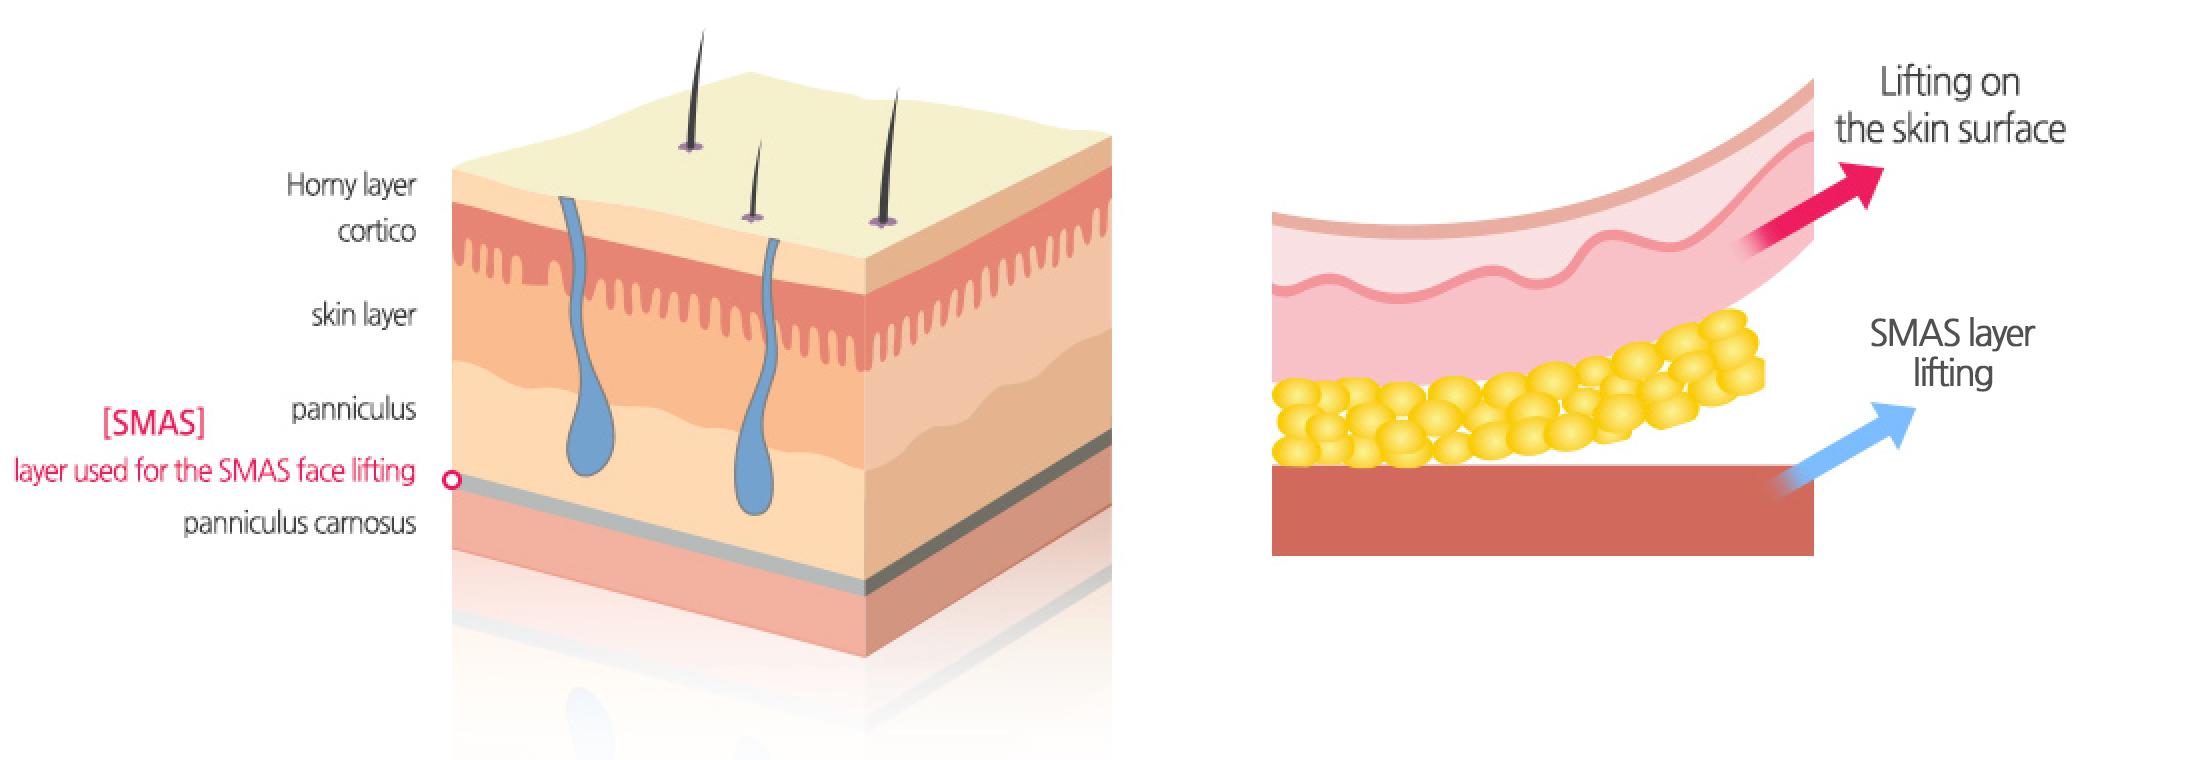 SMAS layer Ultherapy